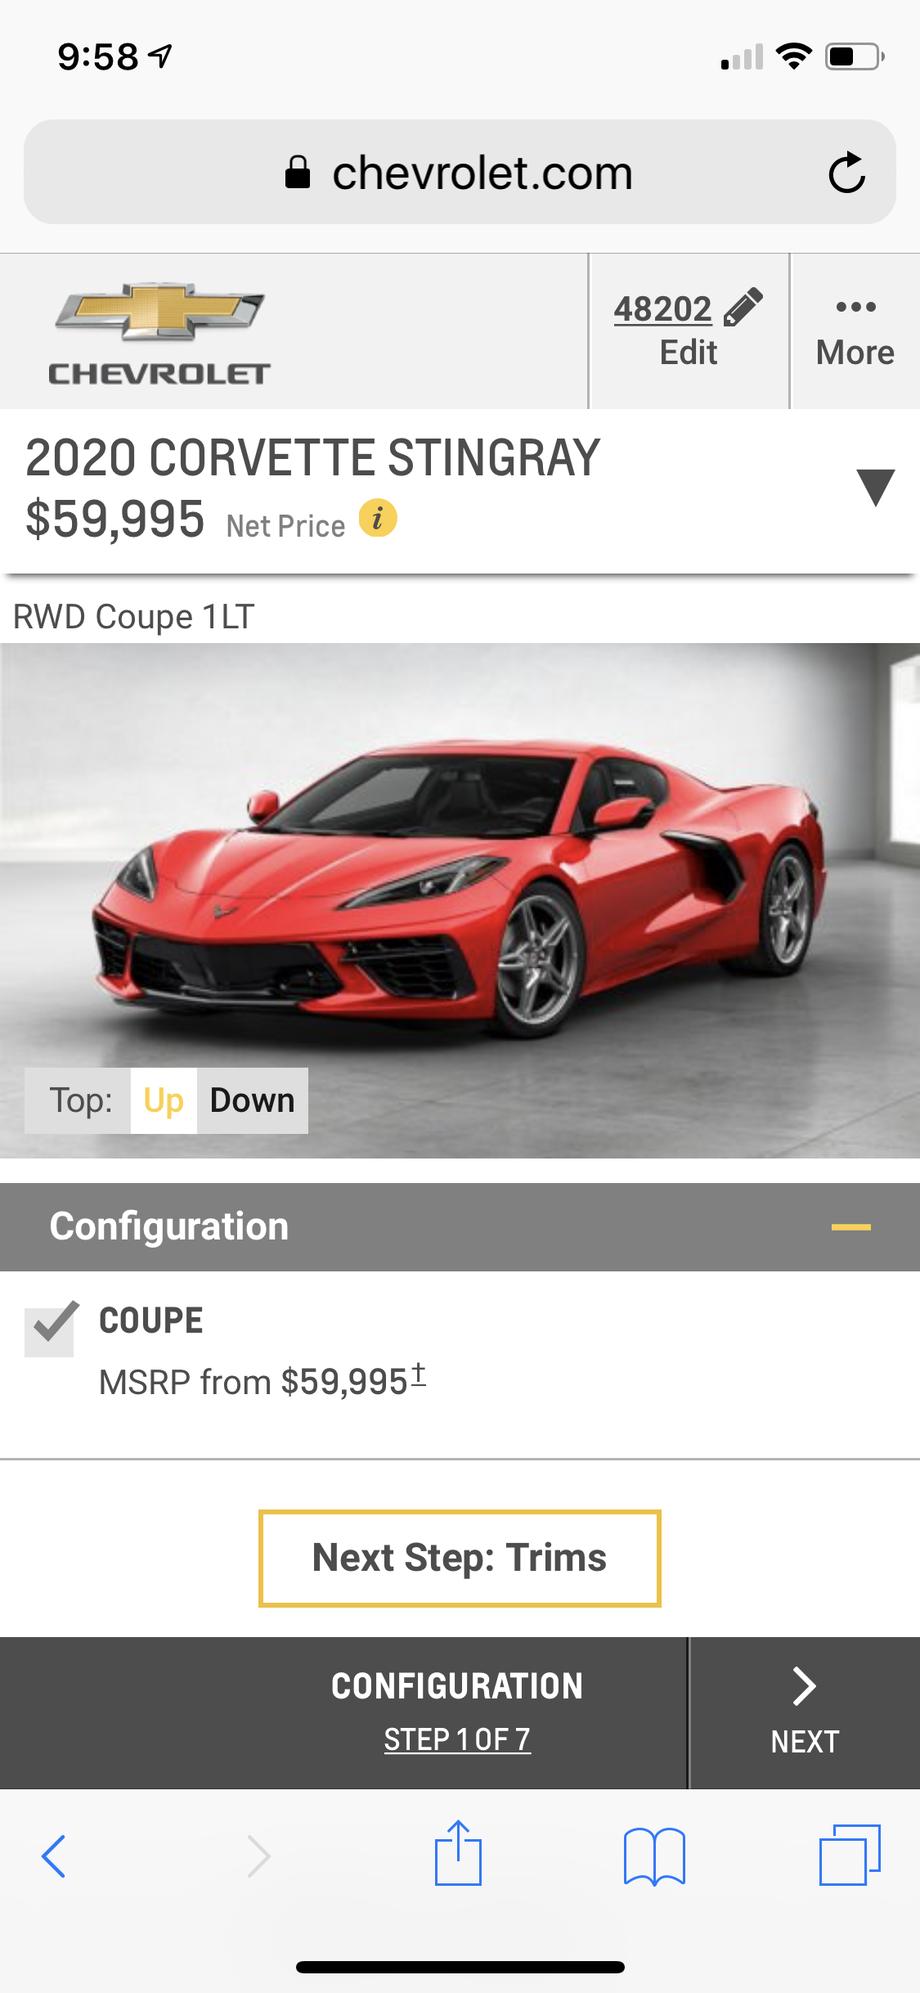 Chevy Build And Price >> Chevy Com Build Price Now Active Corvetteforum